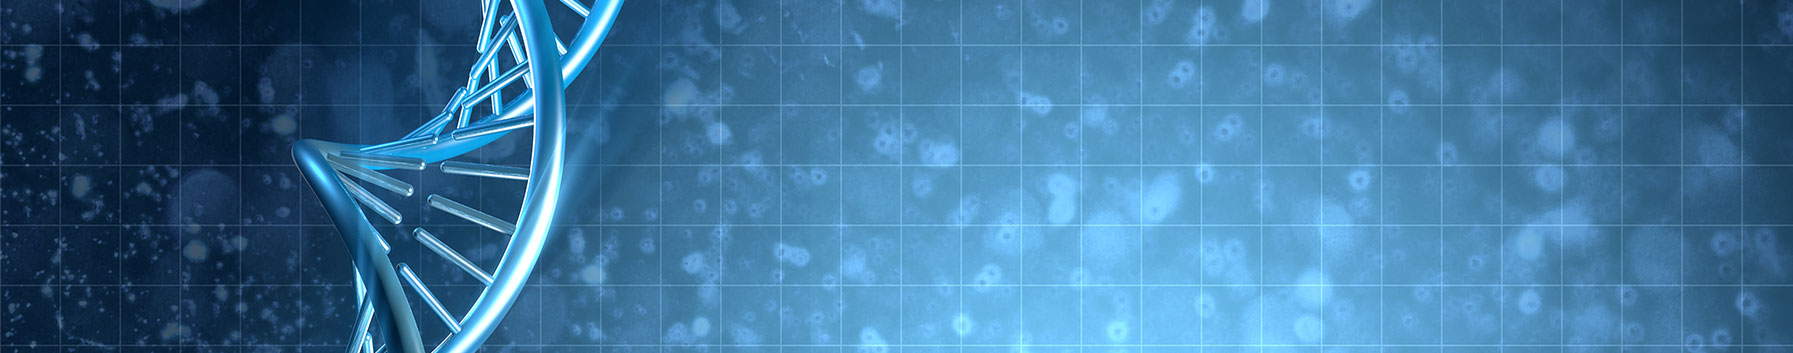 Γενετικός έλεγχος κληρονομικού καρκίνου ATG